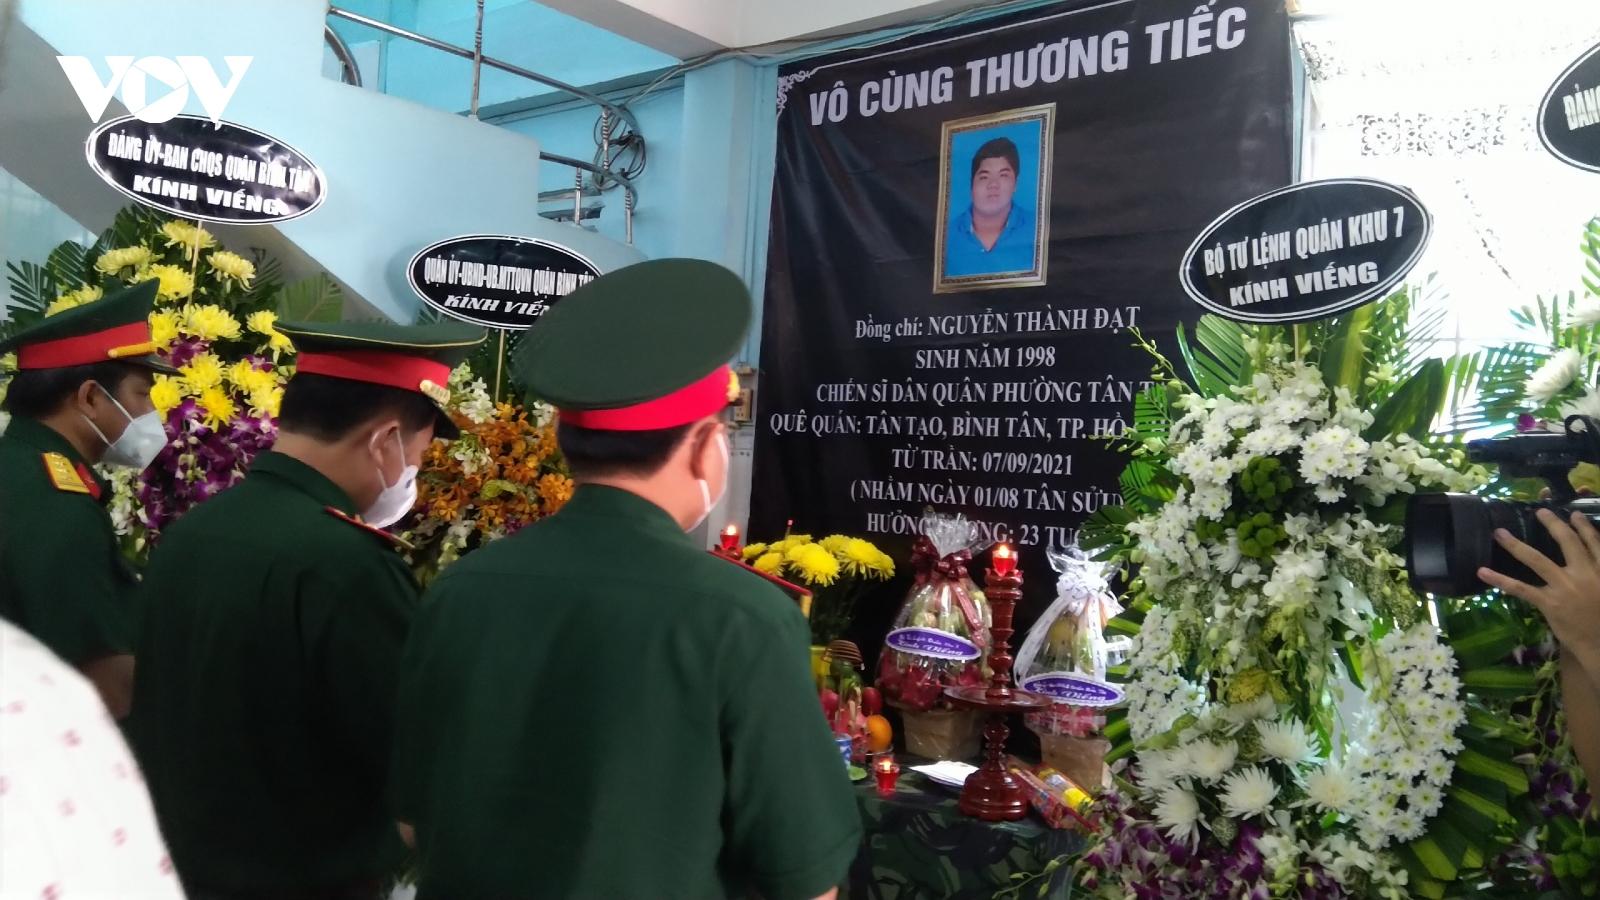 Một chiến sĩ dân quân hy sinh khi làm nhiệm vụ phòng chống Covid-19